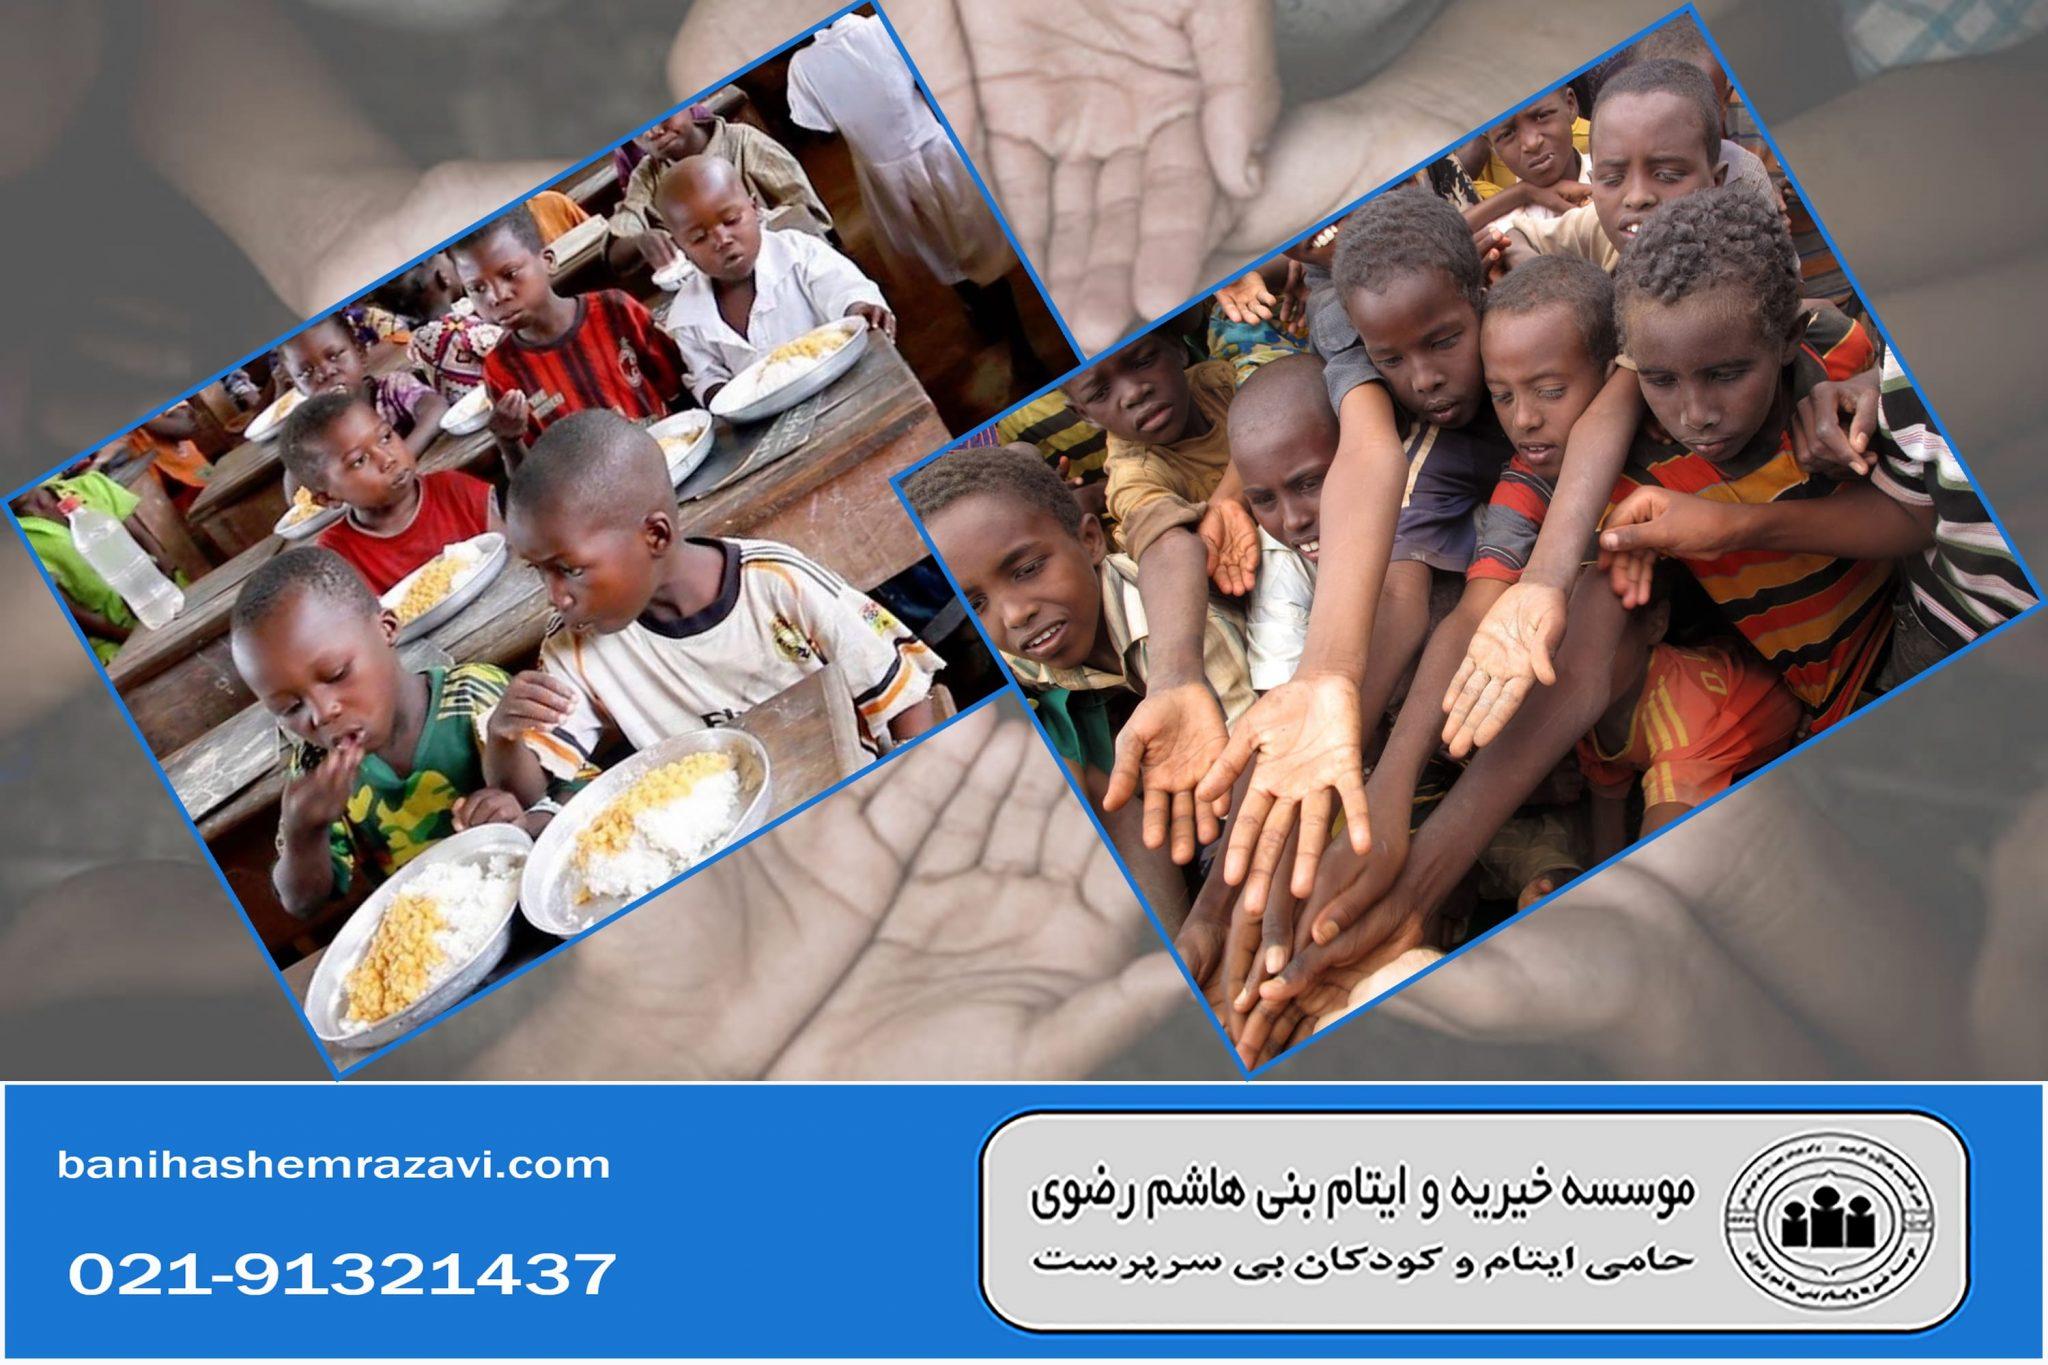 موسسه خیریه کودکان بی سرپرست